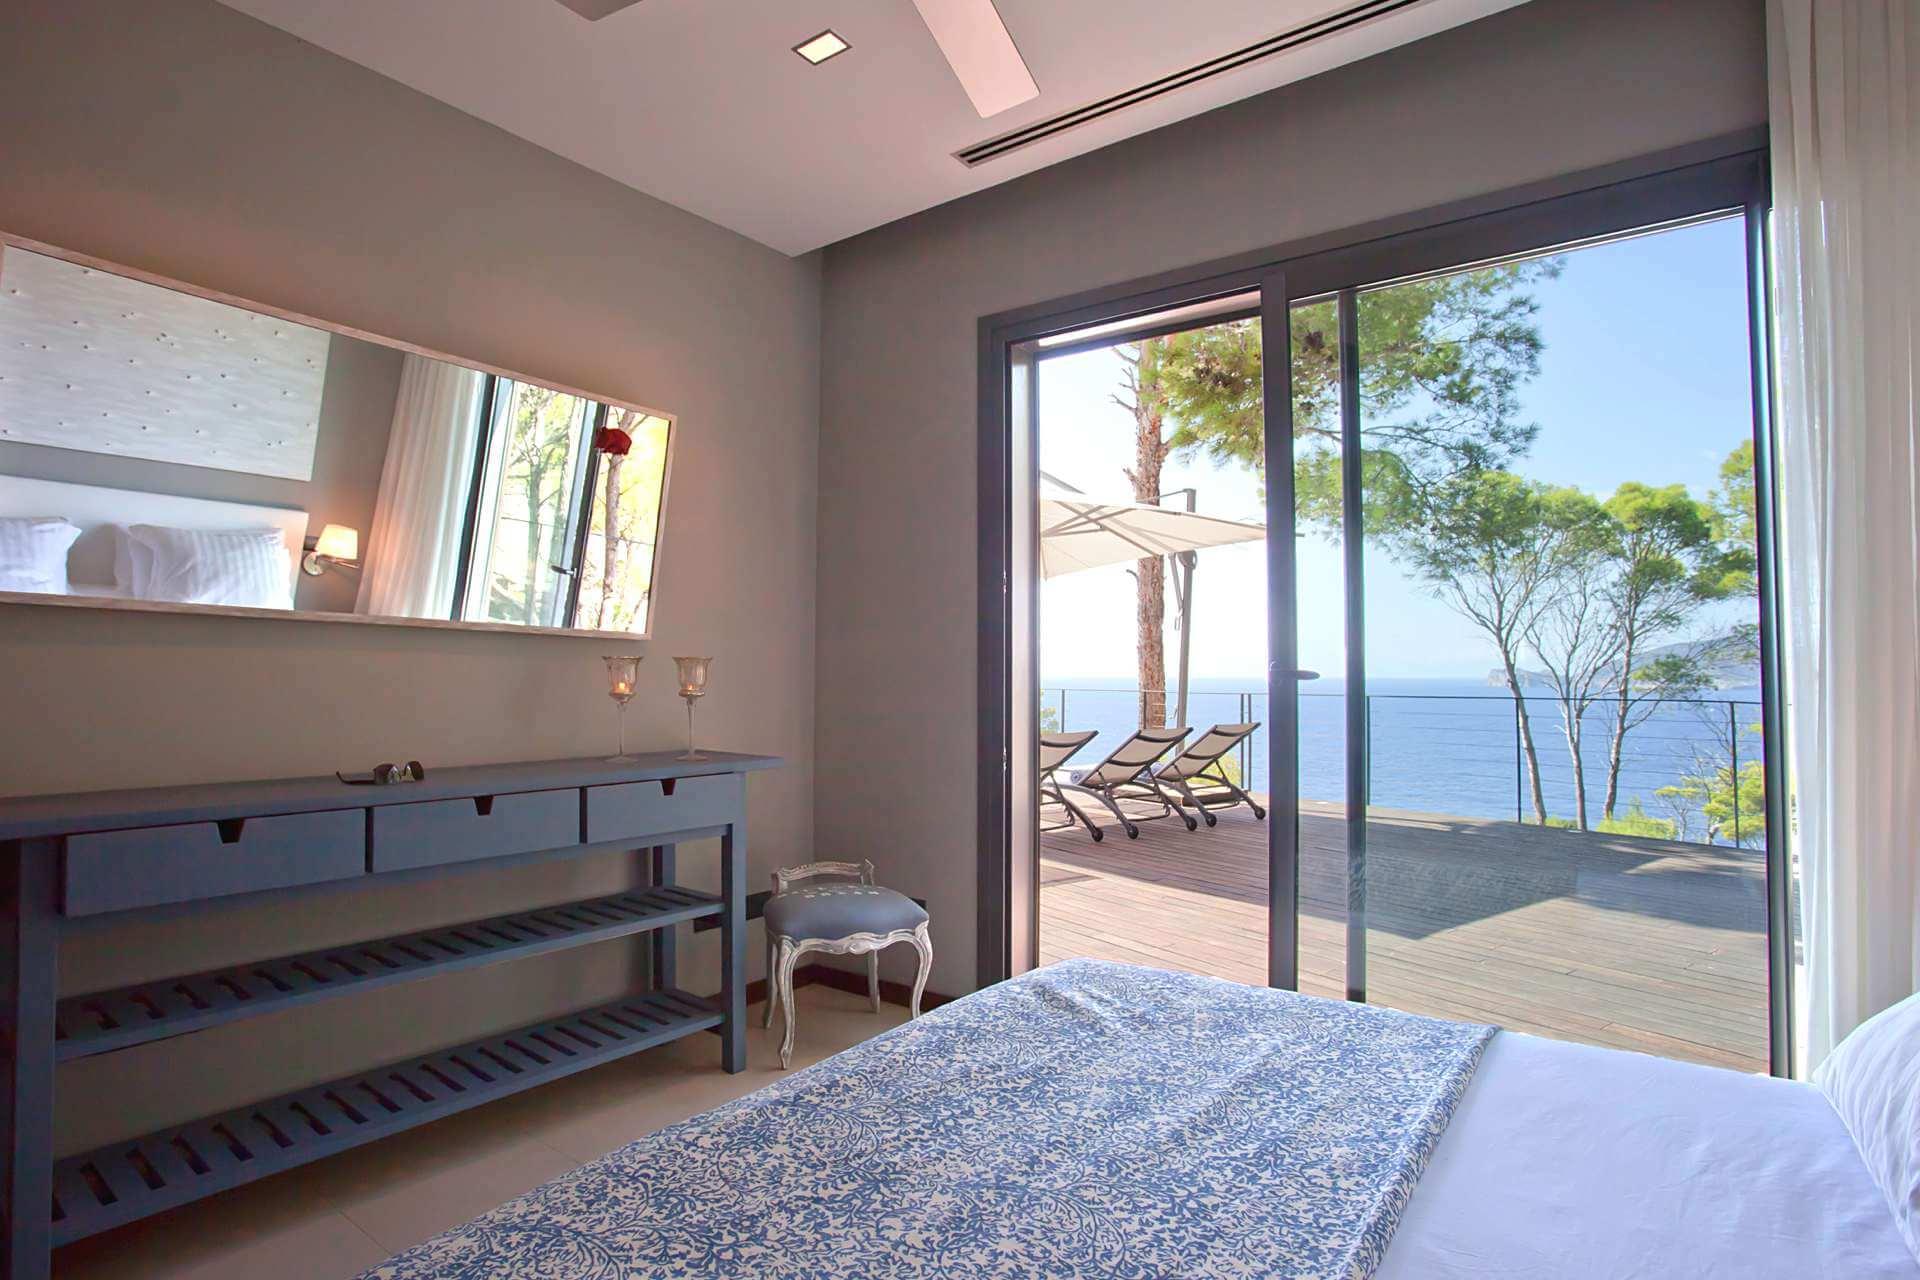 01-332 Sea view Villa Mallorca southwest Bild 33